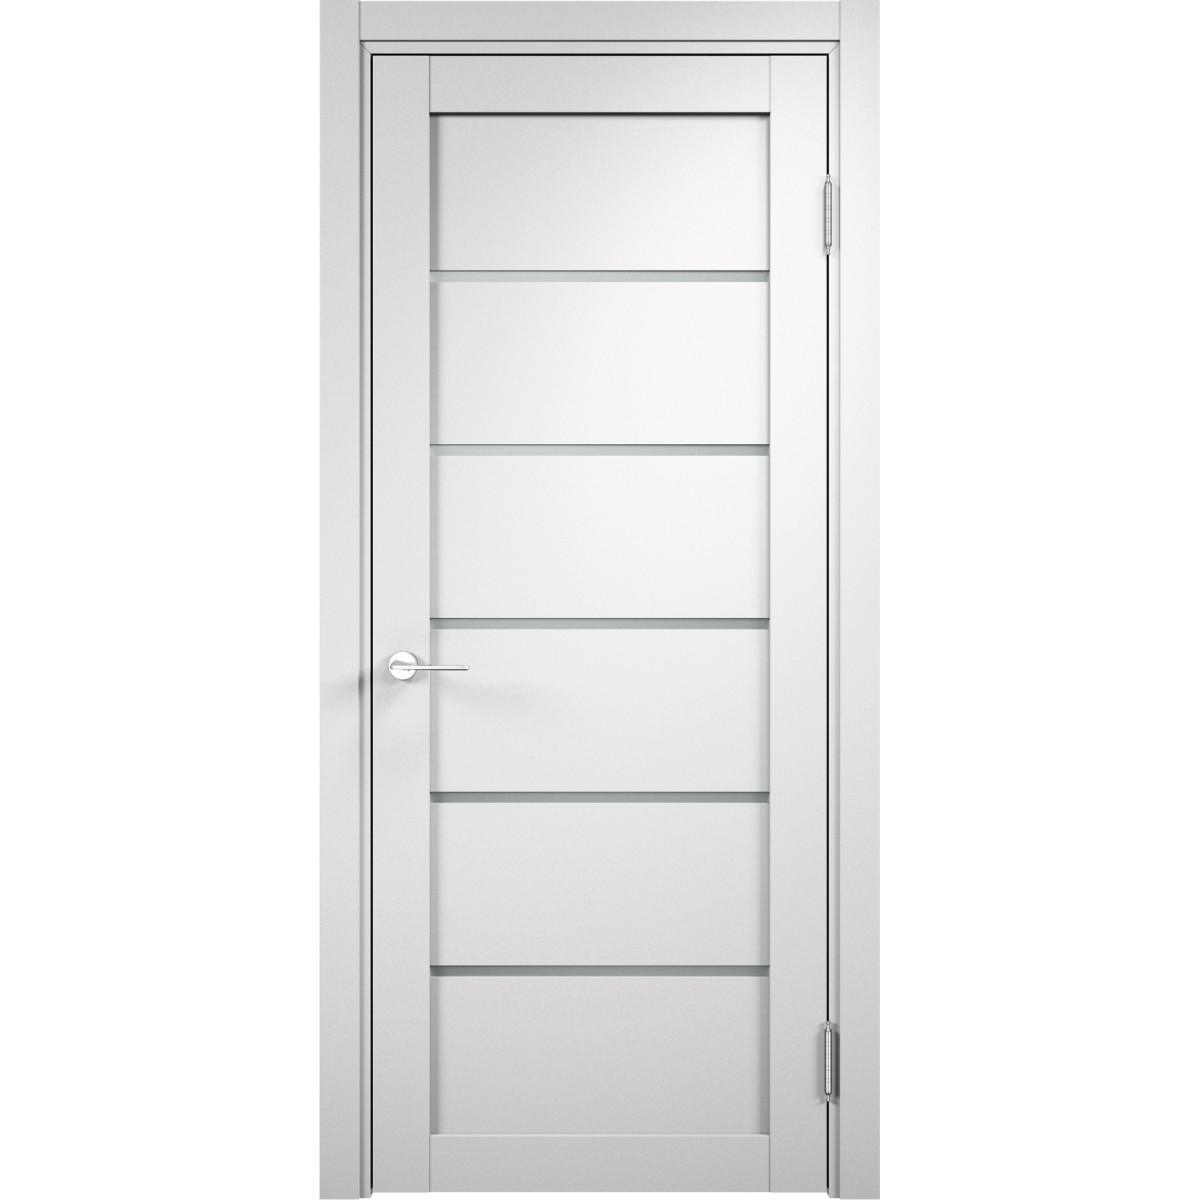 Дверь Межкомнатная Остеклённая Милан 90x200 Пвх Цвет Белый